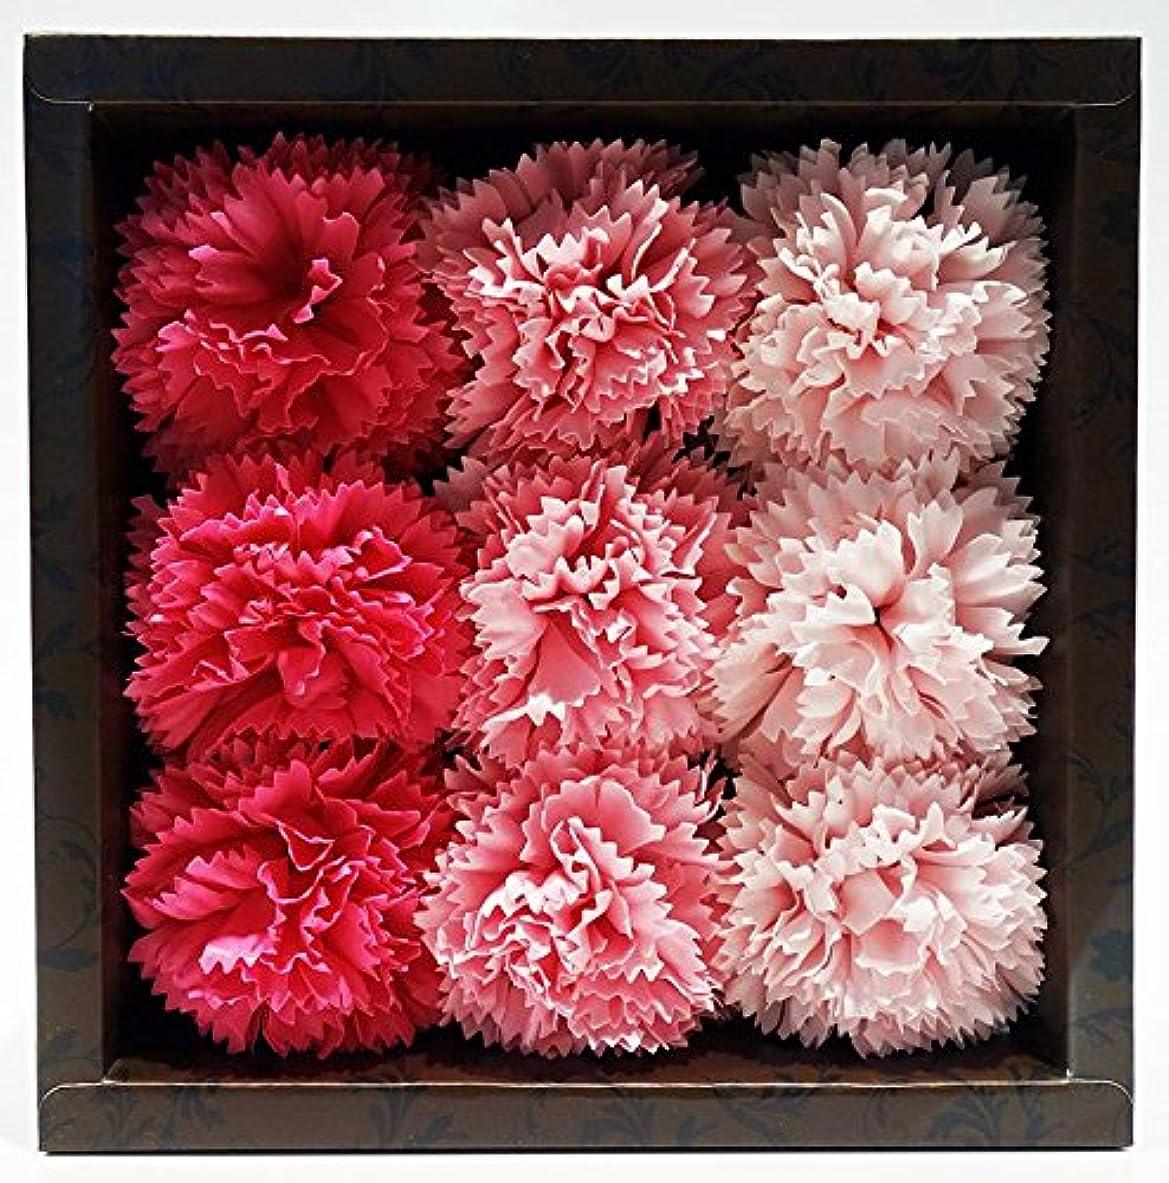 告白する後砂バスフレグランス バスフラワー カーネーション ピンクカラー お花の形の入浴剤 母の日 プレゼント ギフト